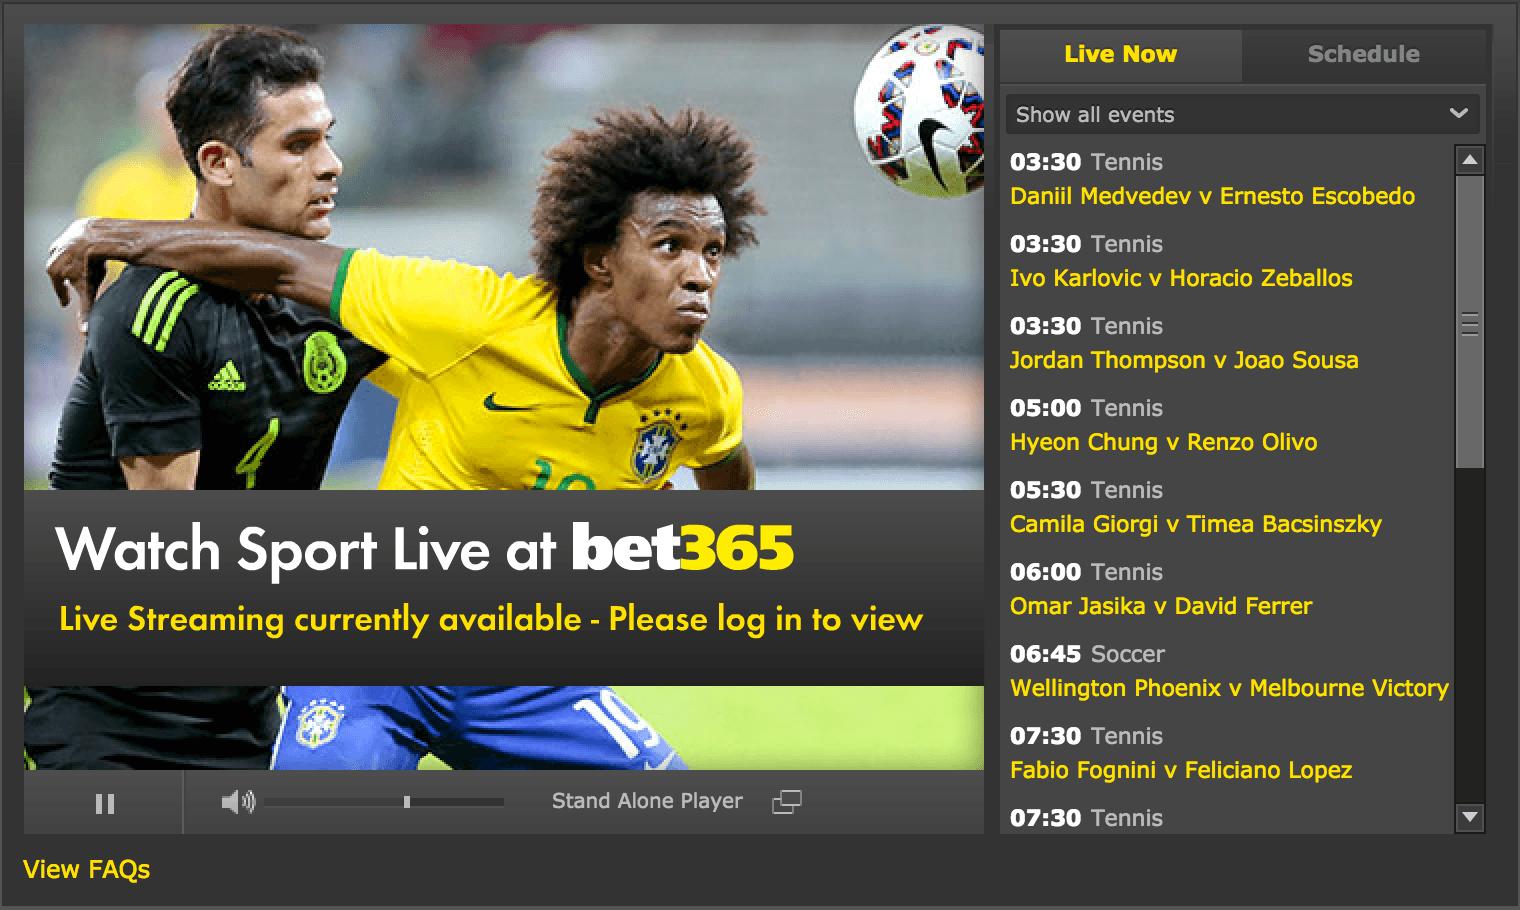 Watch Australian Open Live at Bet365